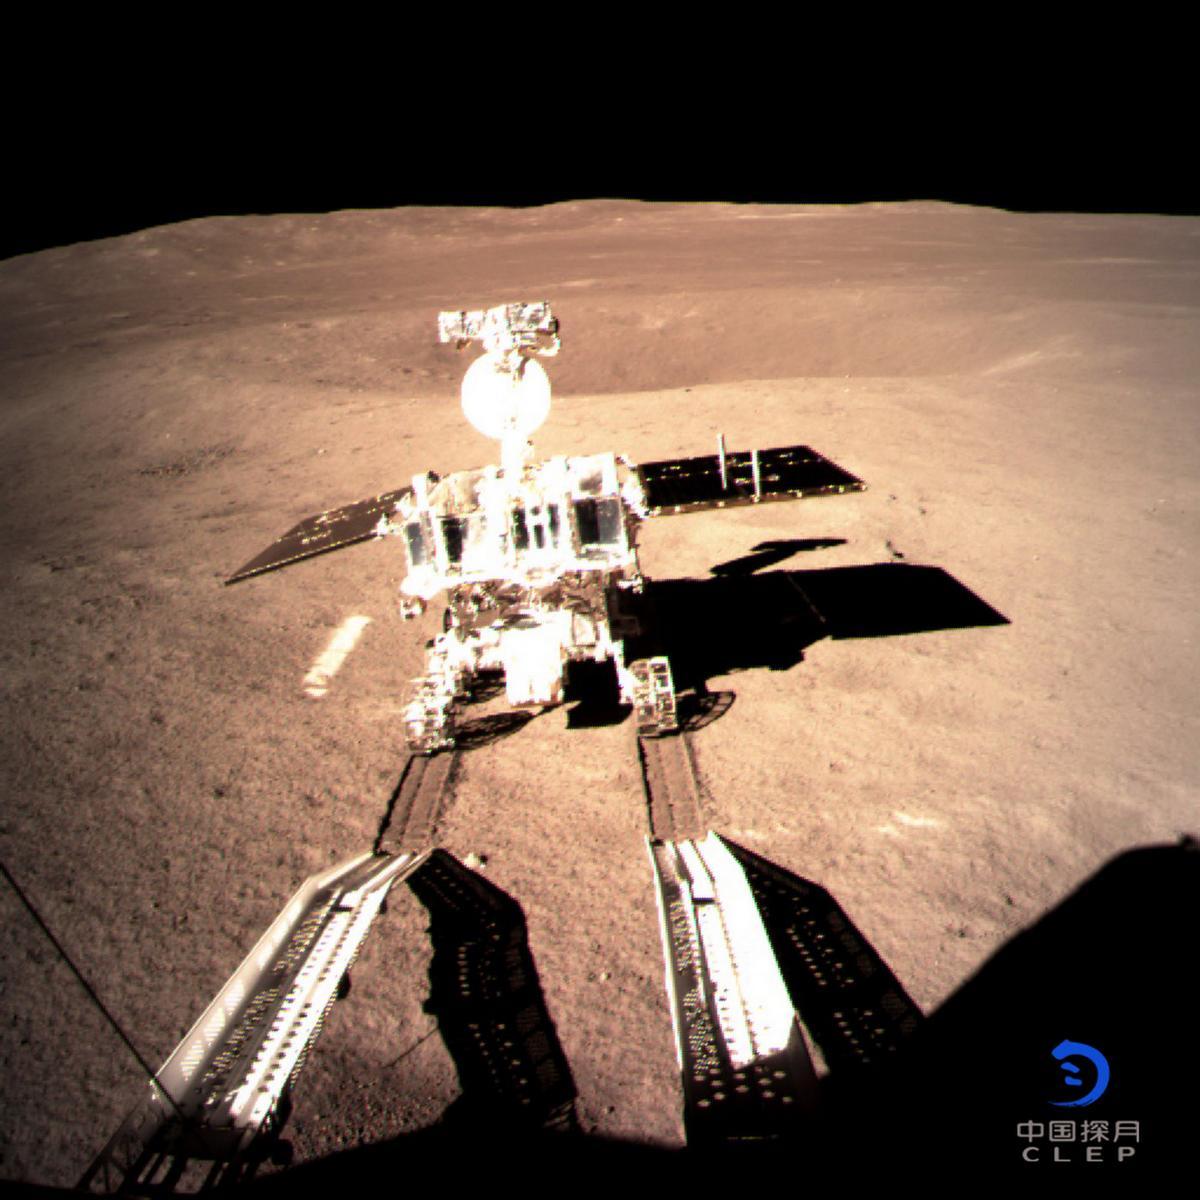 Китайский луноход Yutu-2 спустился на лунную поверхность.